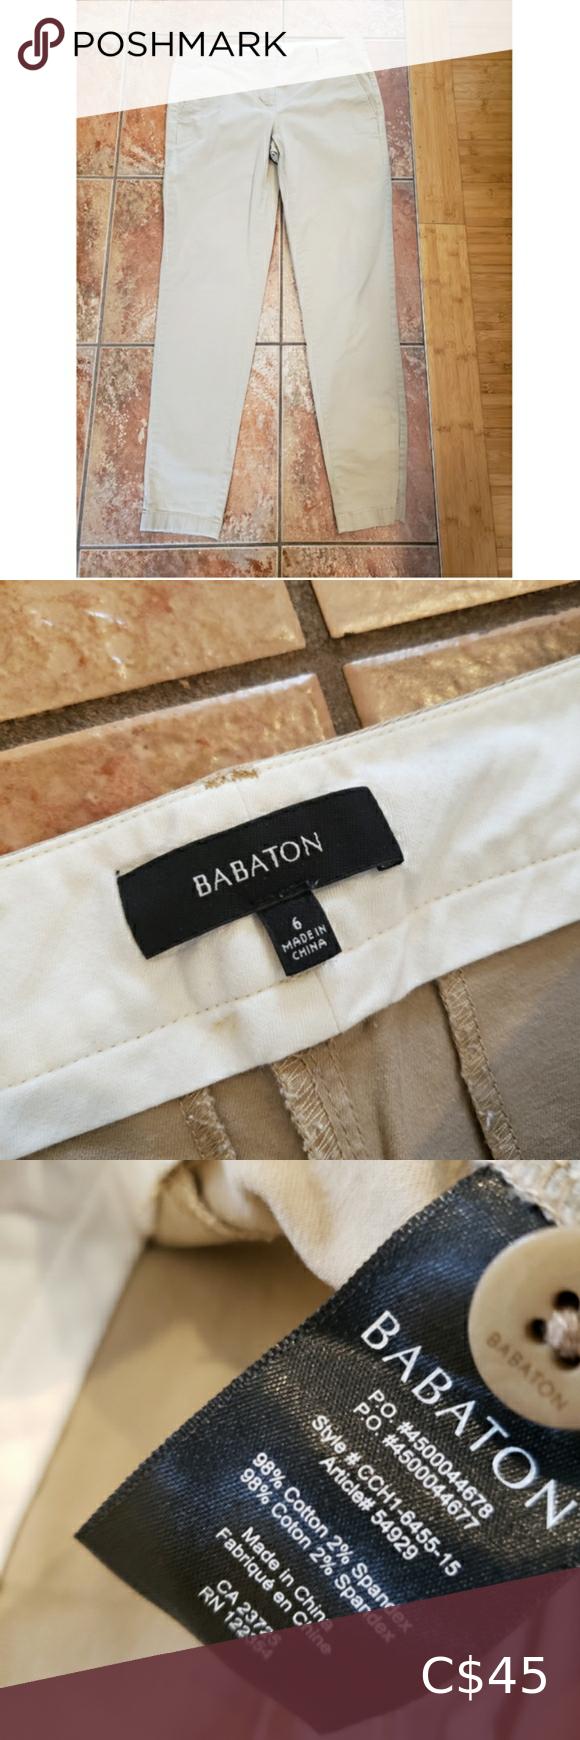 Aritzia Babaton pants size 6